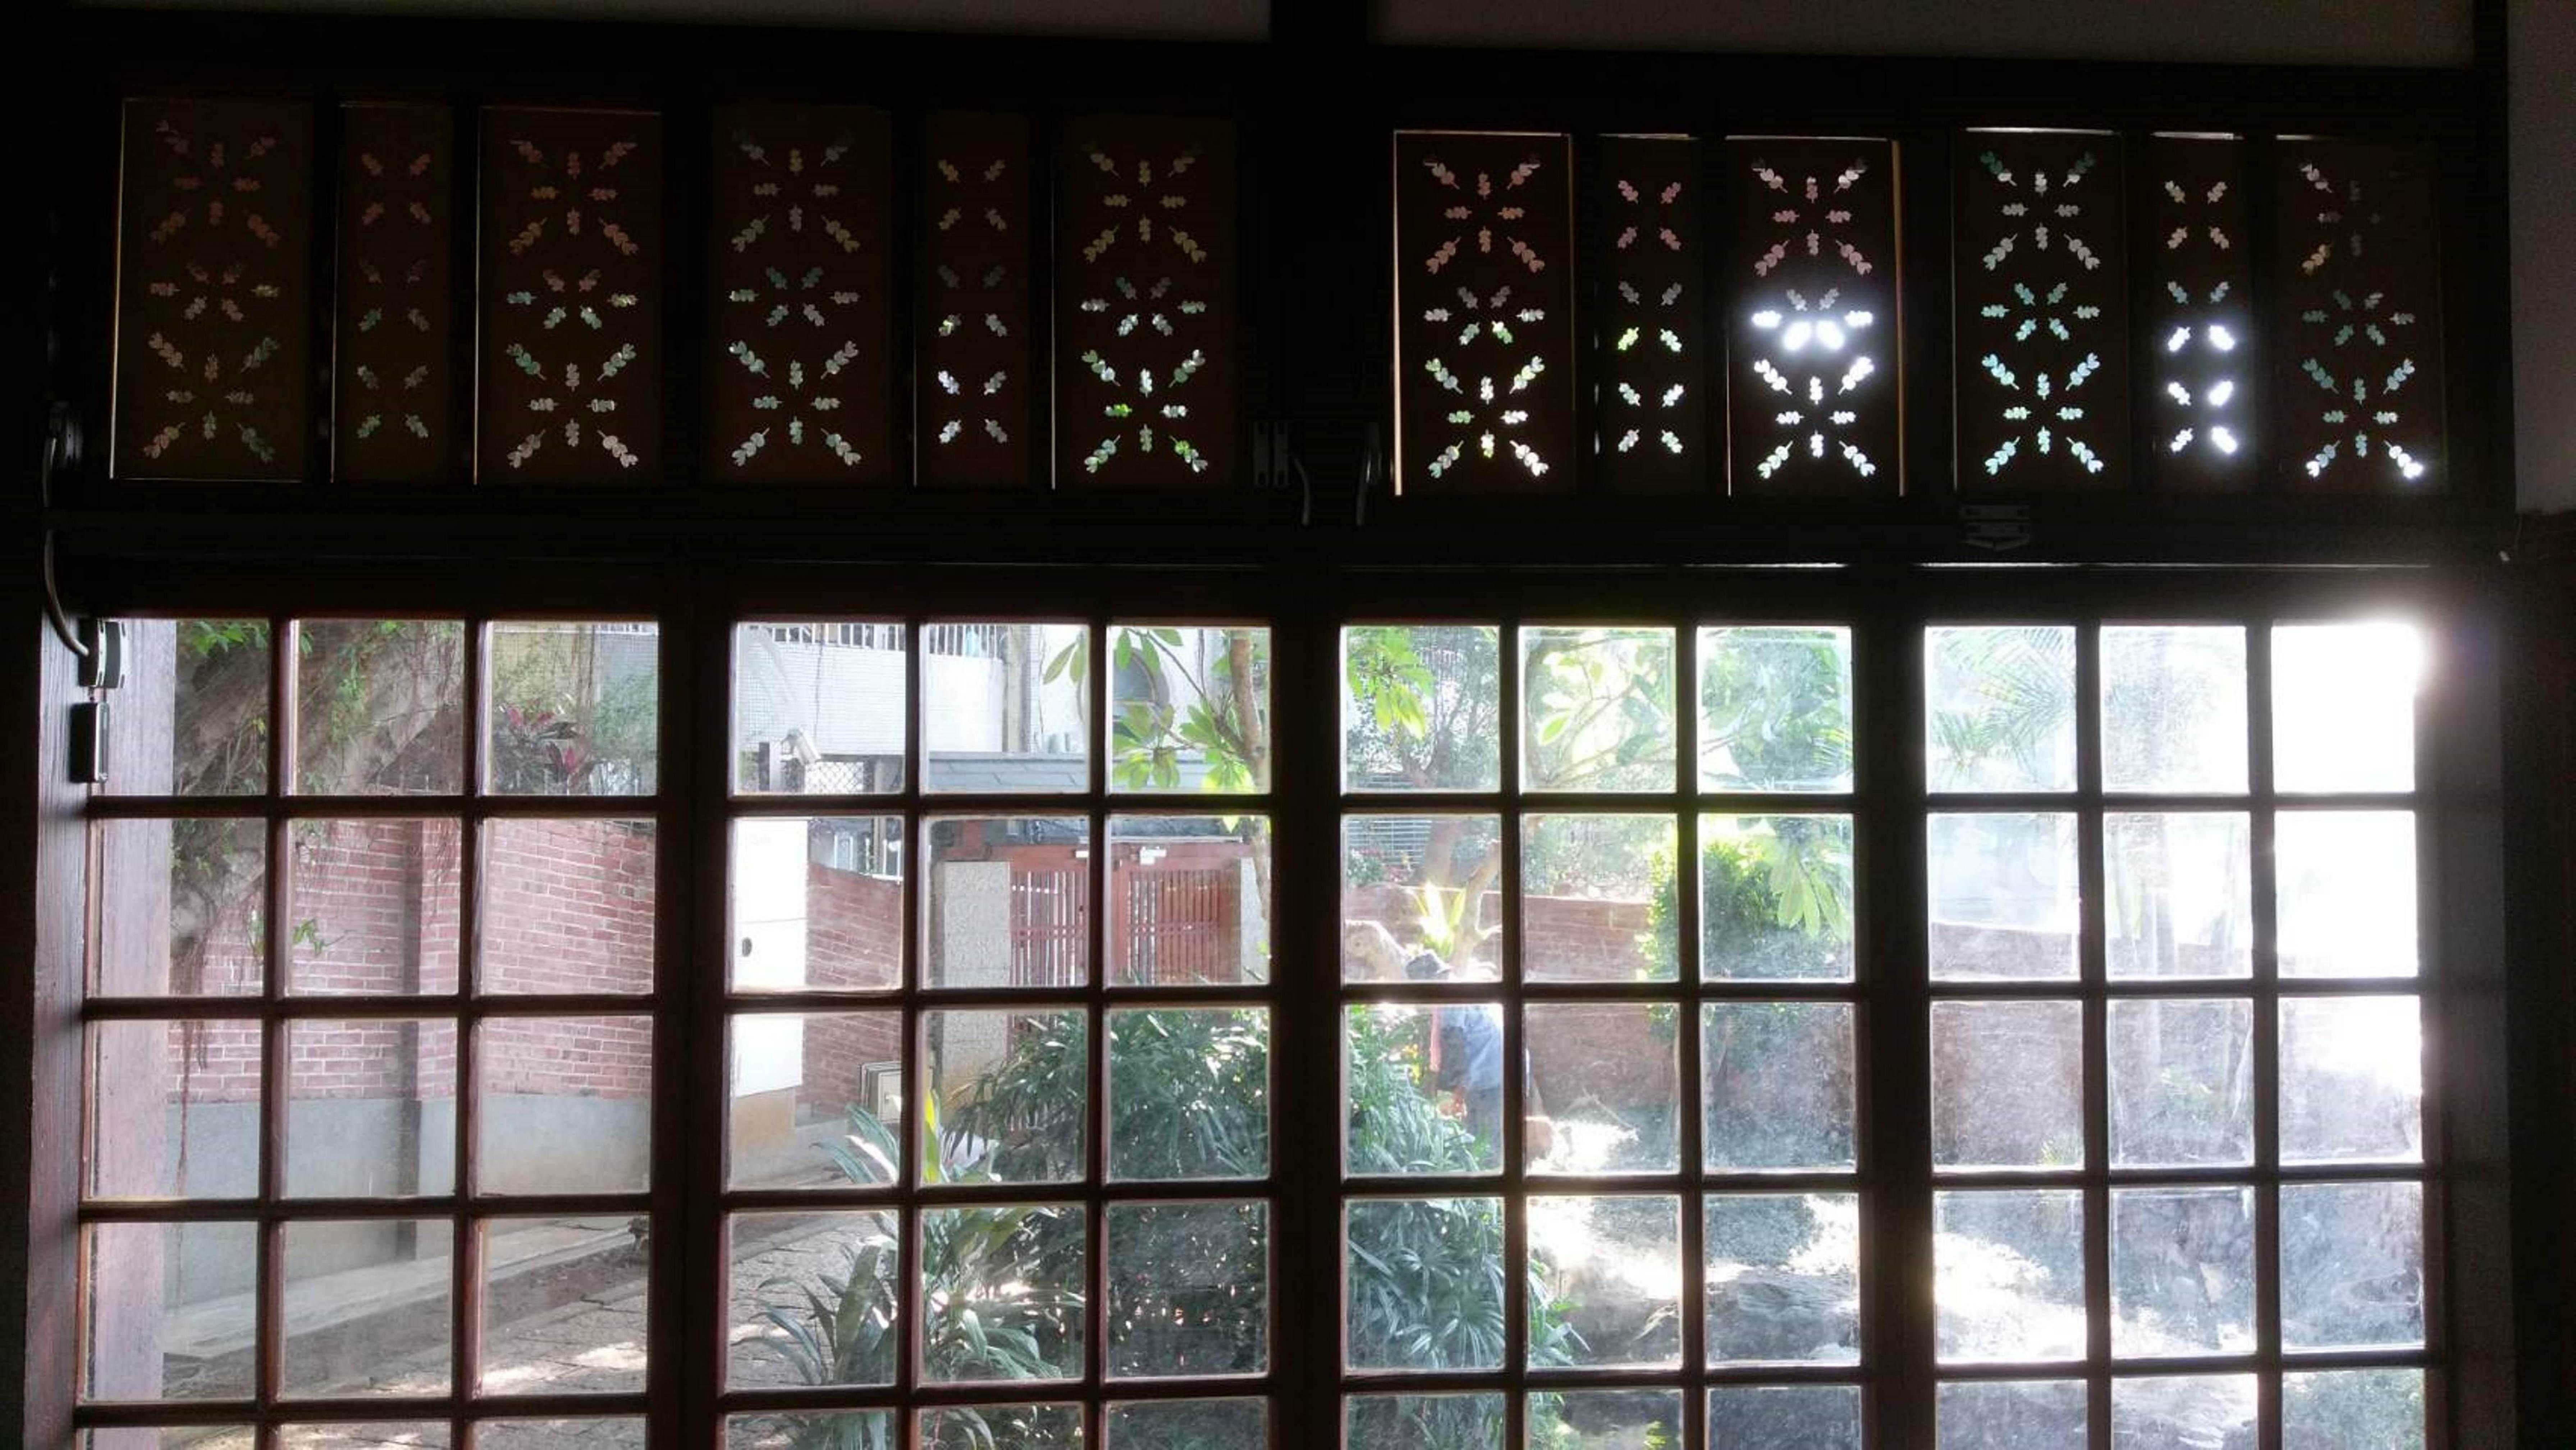 紙花窗-三明治工展覽作品